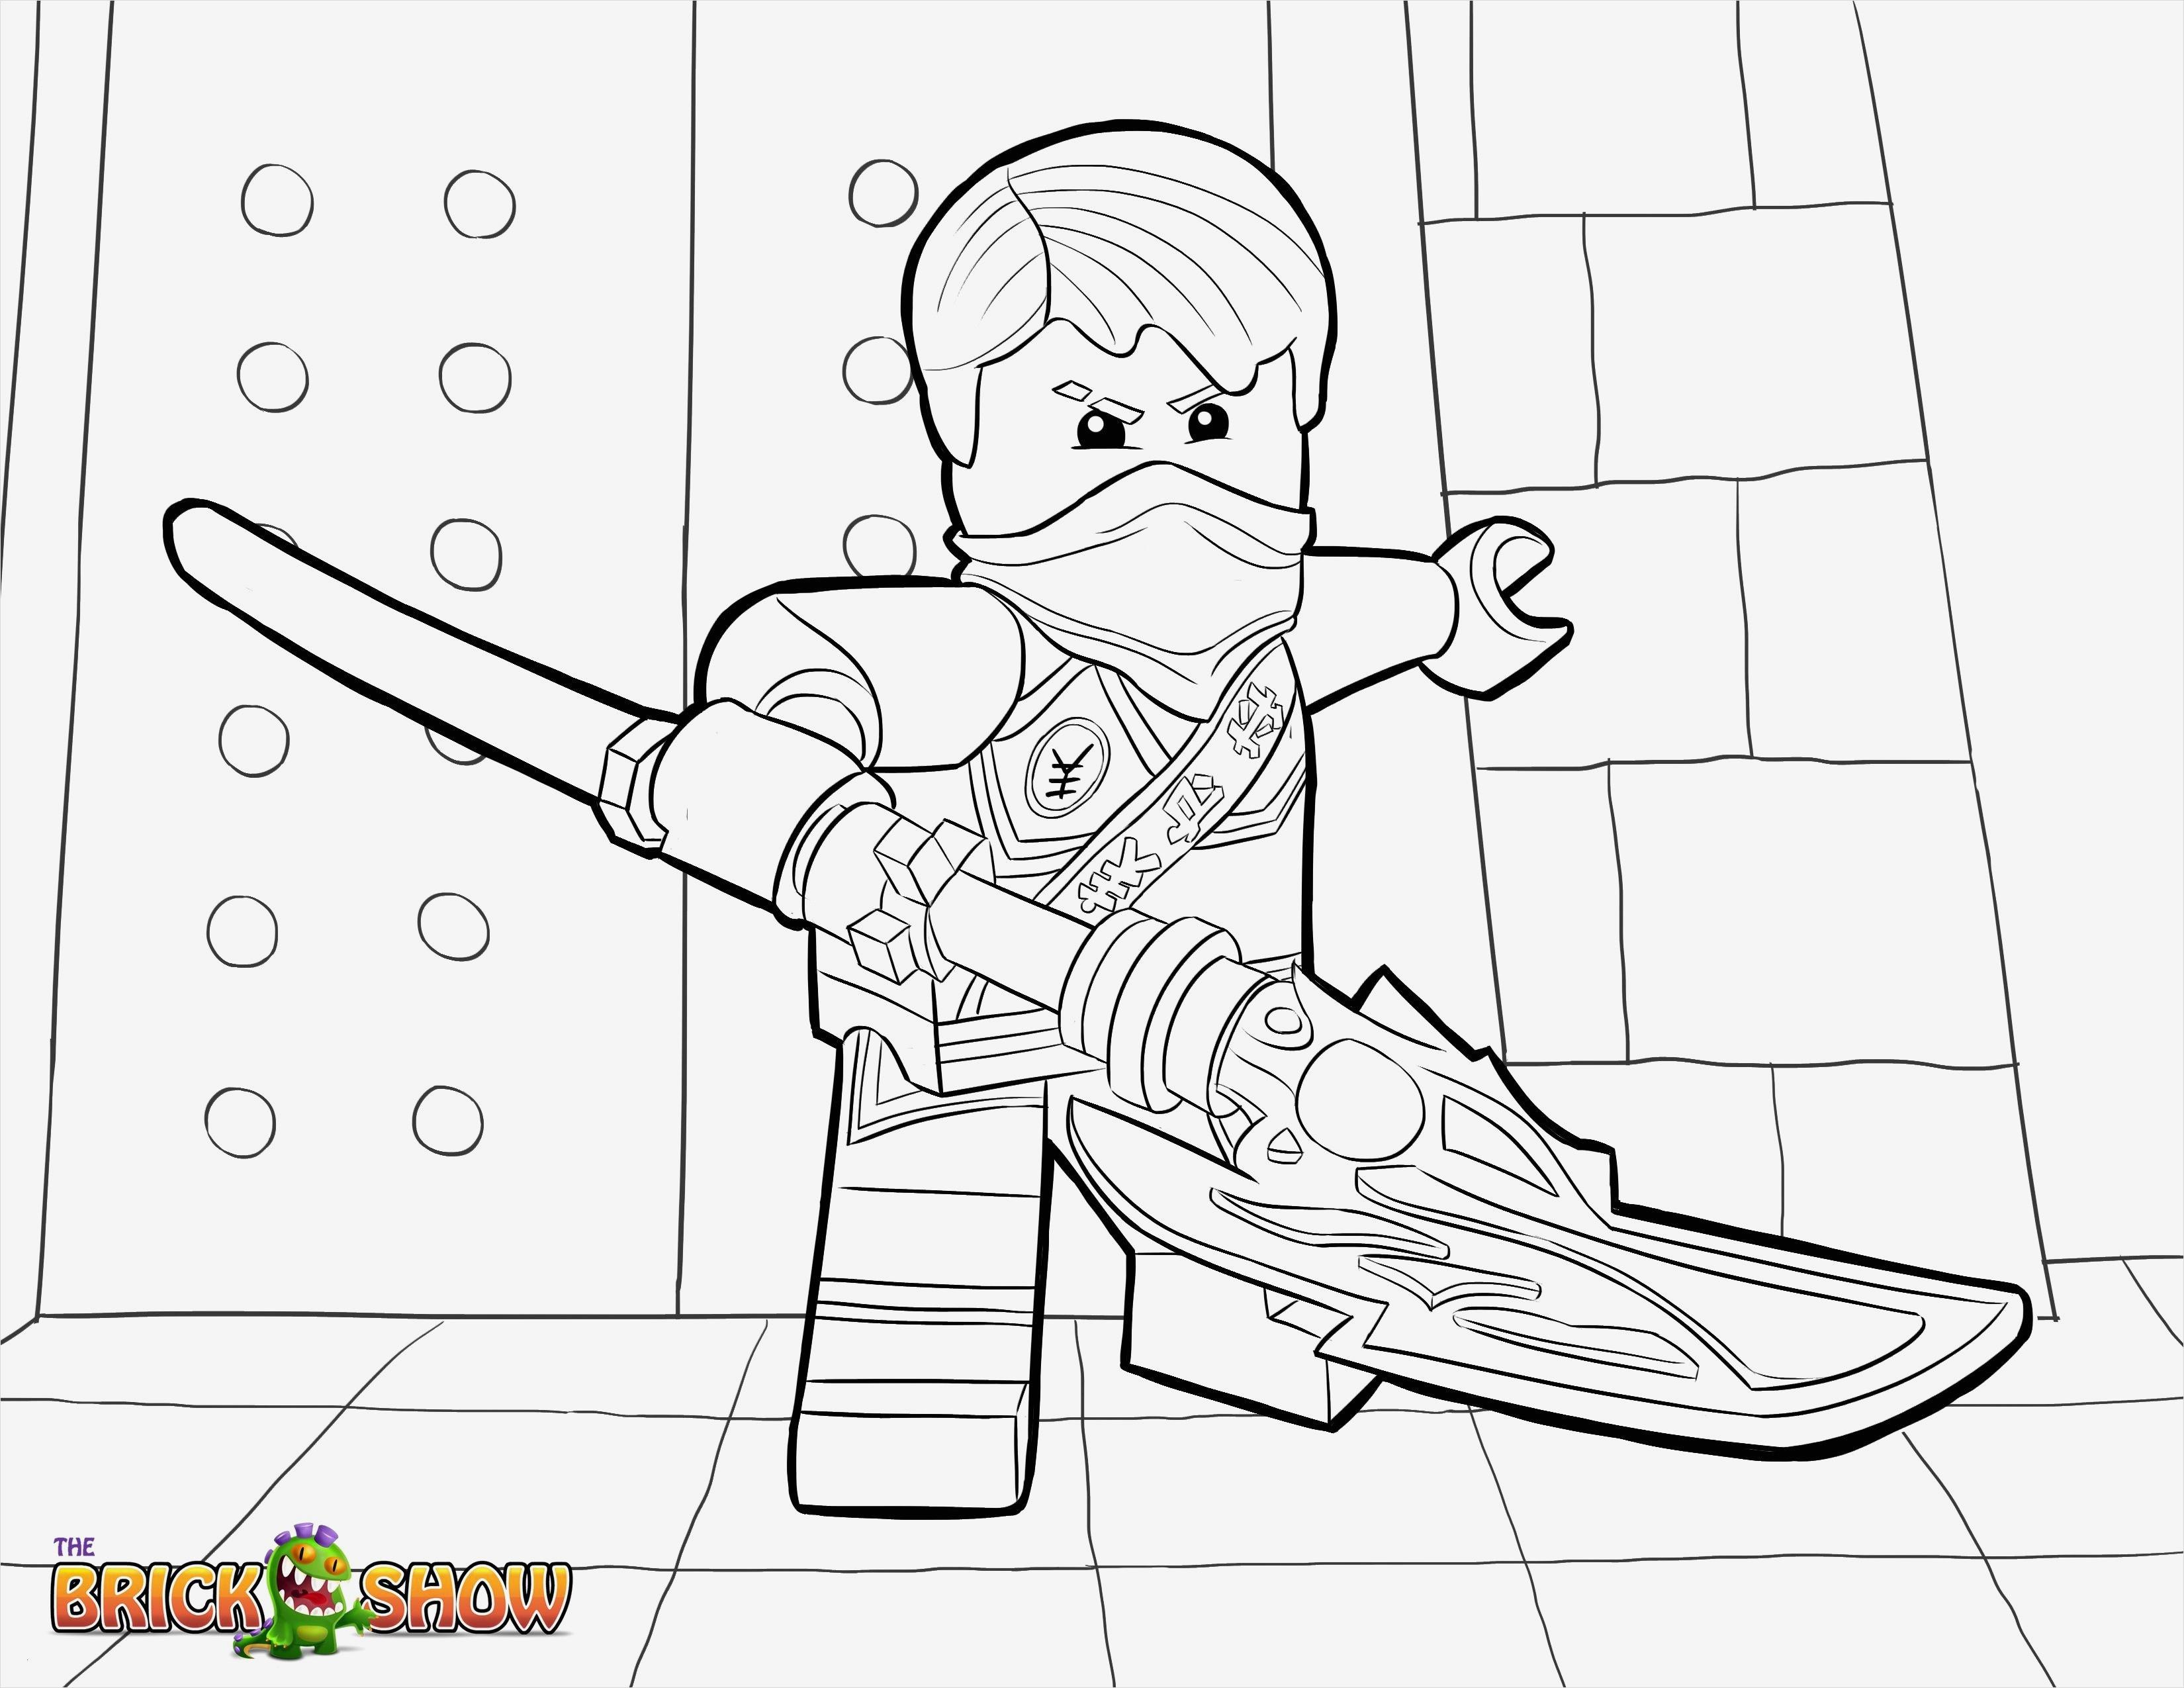 Ninjago Ausmalbilder Lego Das Beste Von Ninjago Ausmalbilder Bildergalerie & Bilder Zum Ausmalen Ninjago Fotos